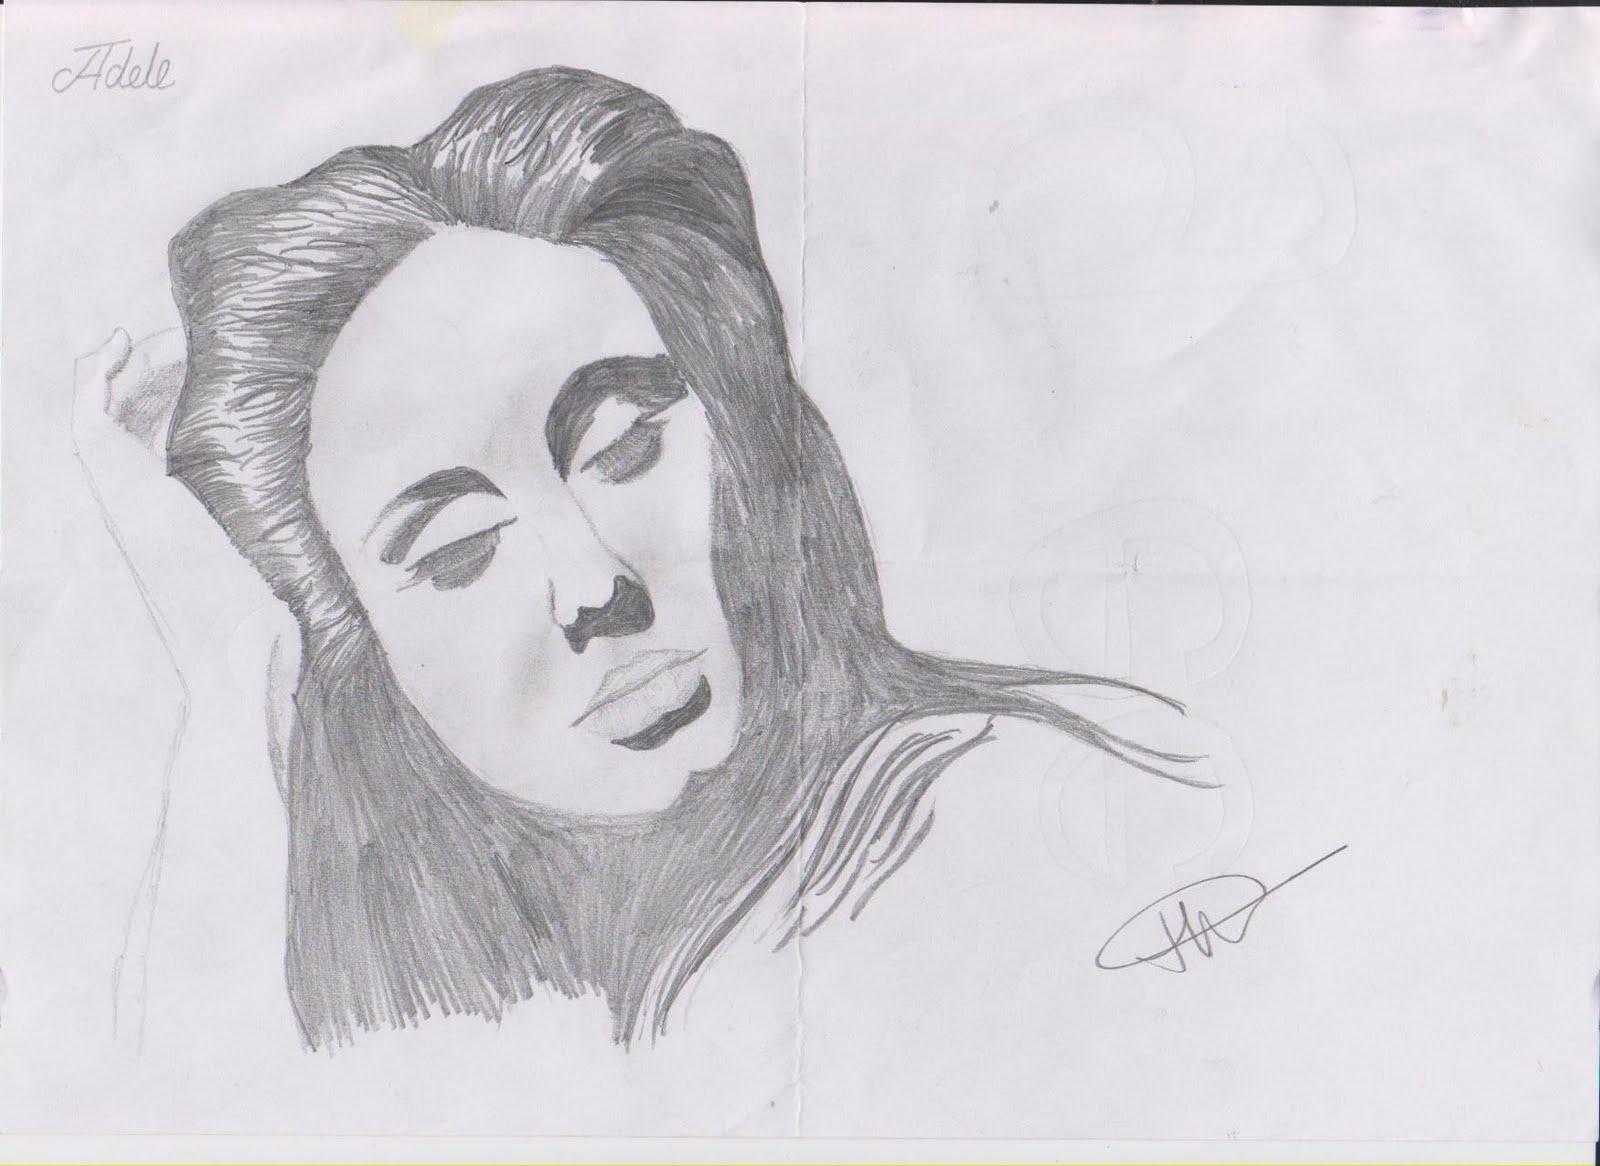 http://2.bp.blogspot.com/-2rmWWG8Hg88/Tl-0qJXJ6WI/AAAAAAAAAIQ/AL-wuofDIJc/s1600/adele+drawing.jpg